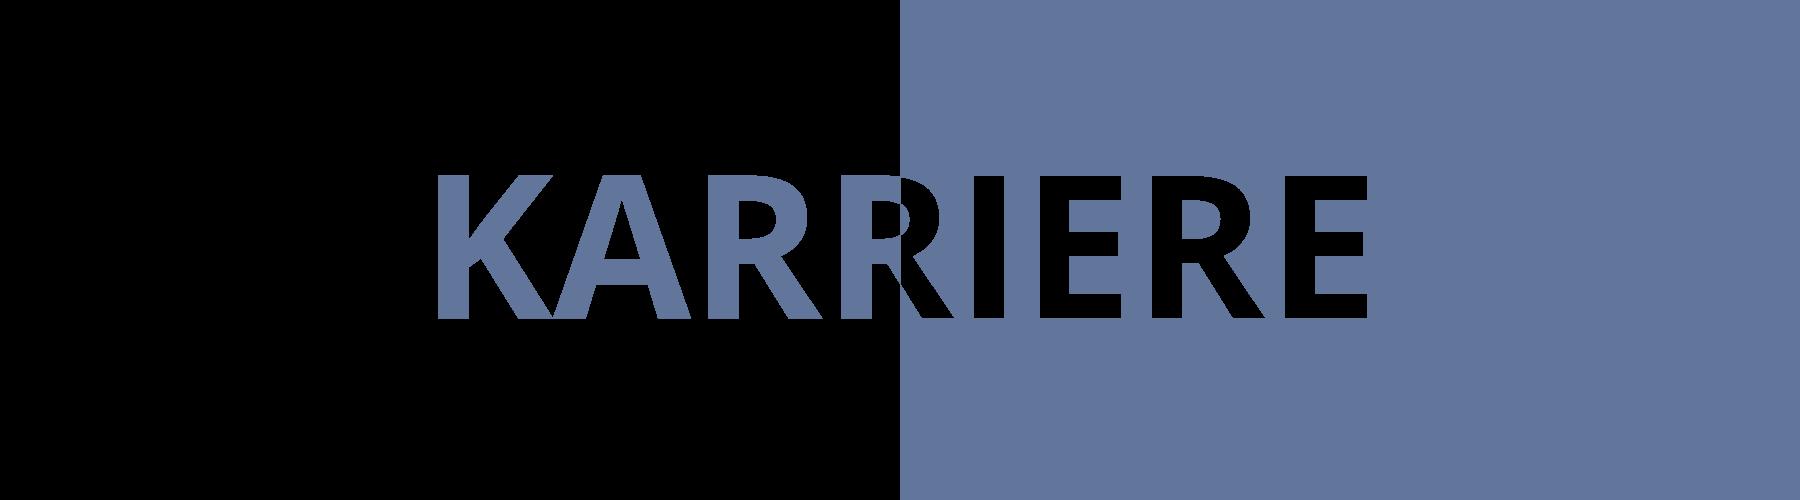 KARRIERE 500px transparent gerade lightblue